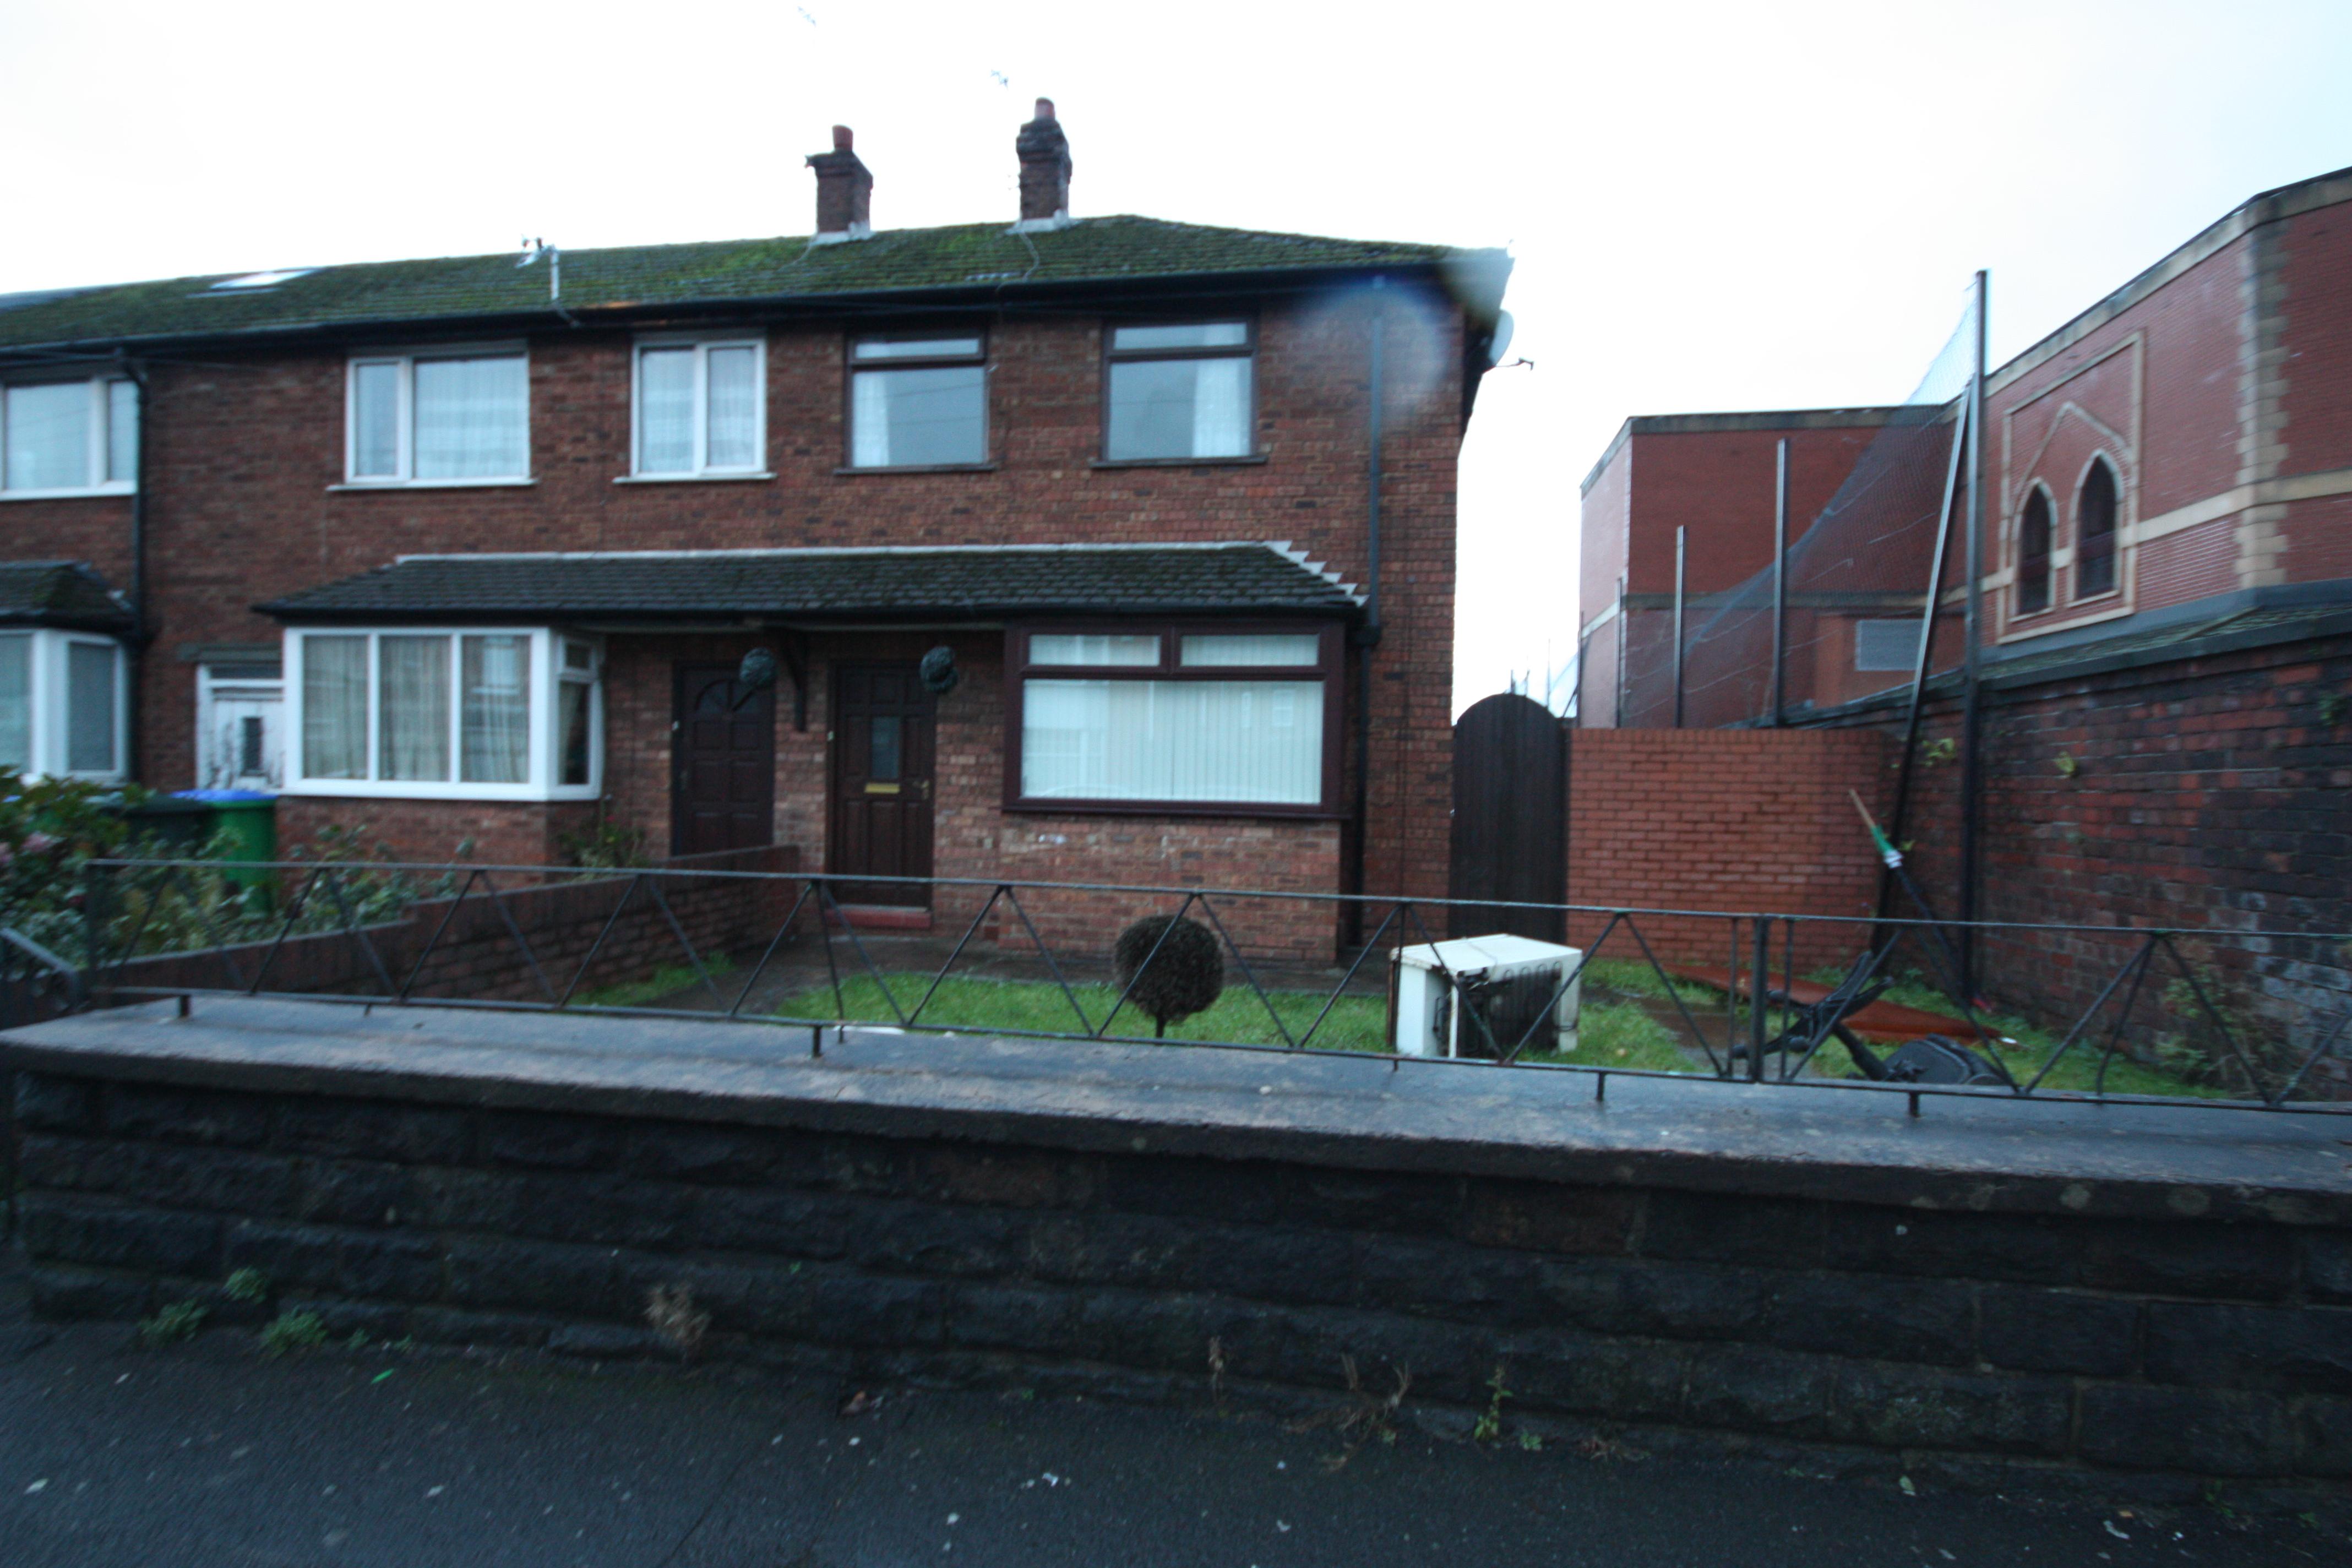 41 Castlemere Street Deeplish, Rochdale